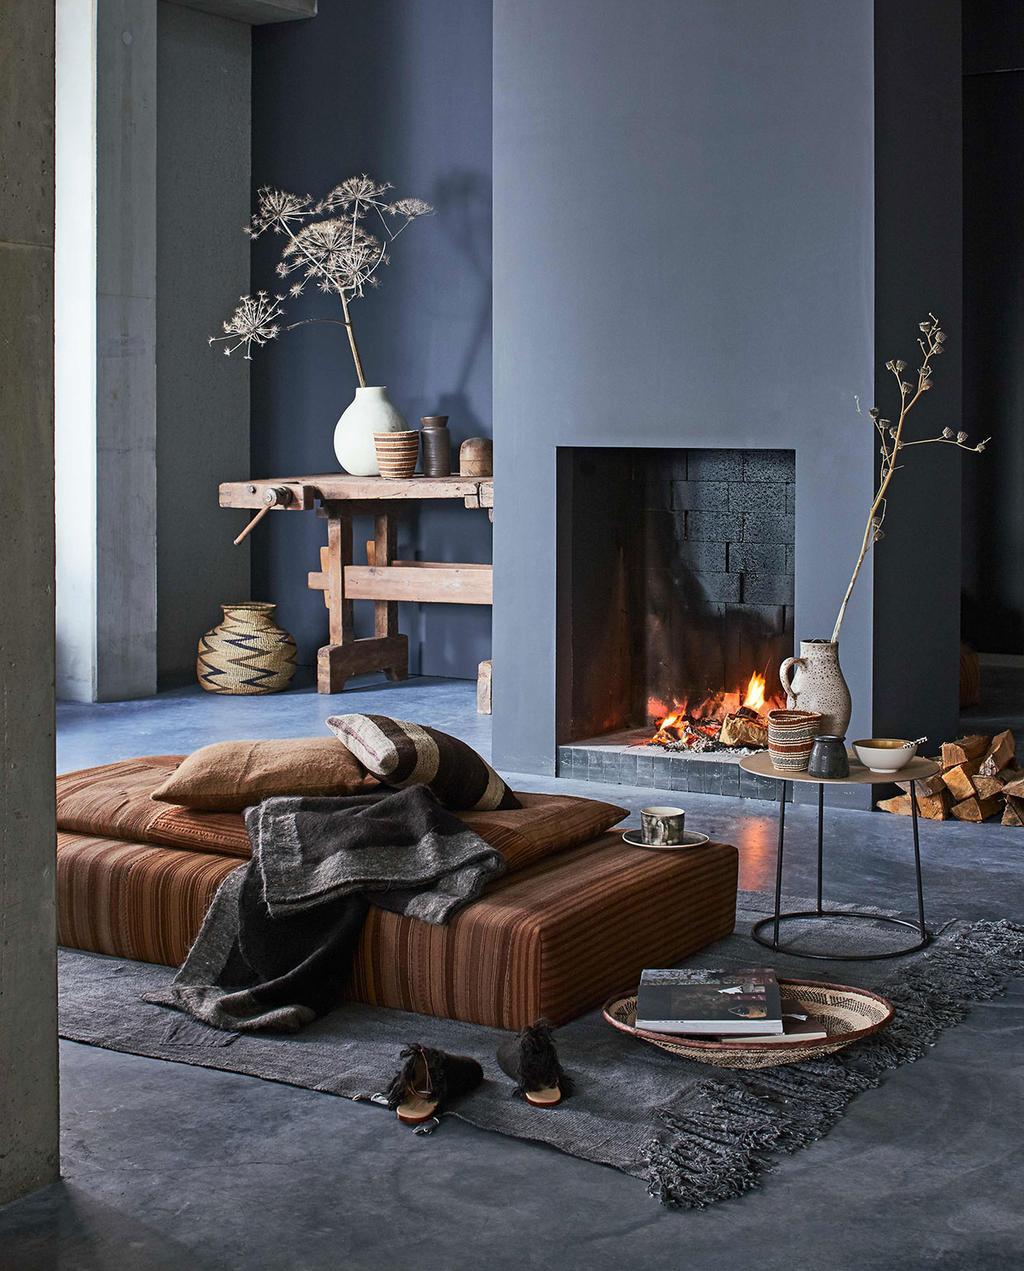 vtwonen 01-2017 | aardetinten woonkamer met brandende open haard op achtergrond, daybed bekleed met alpacawol